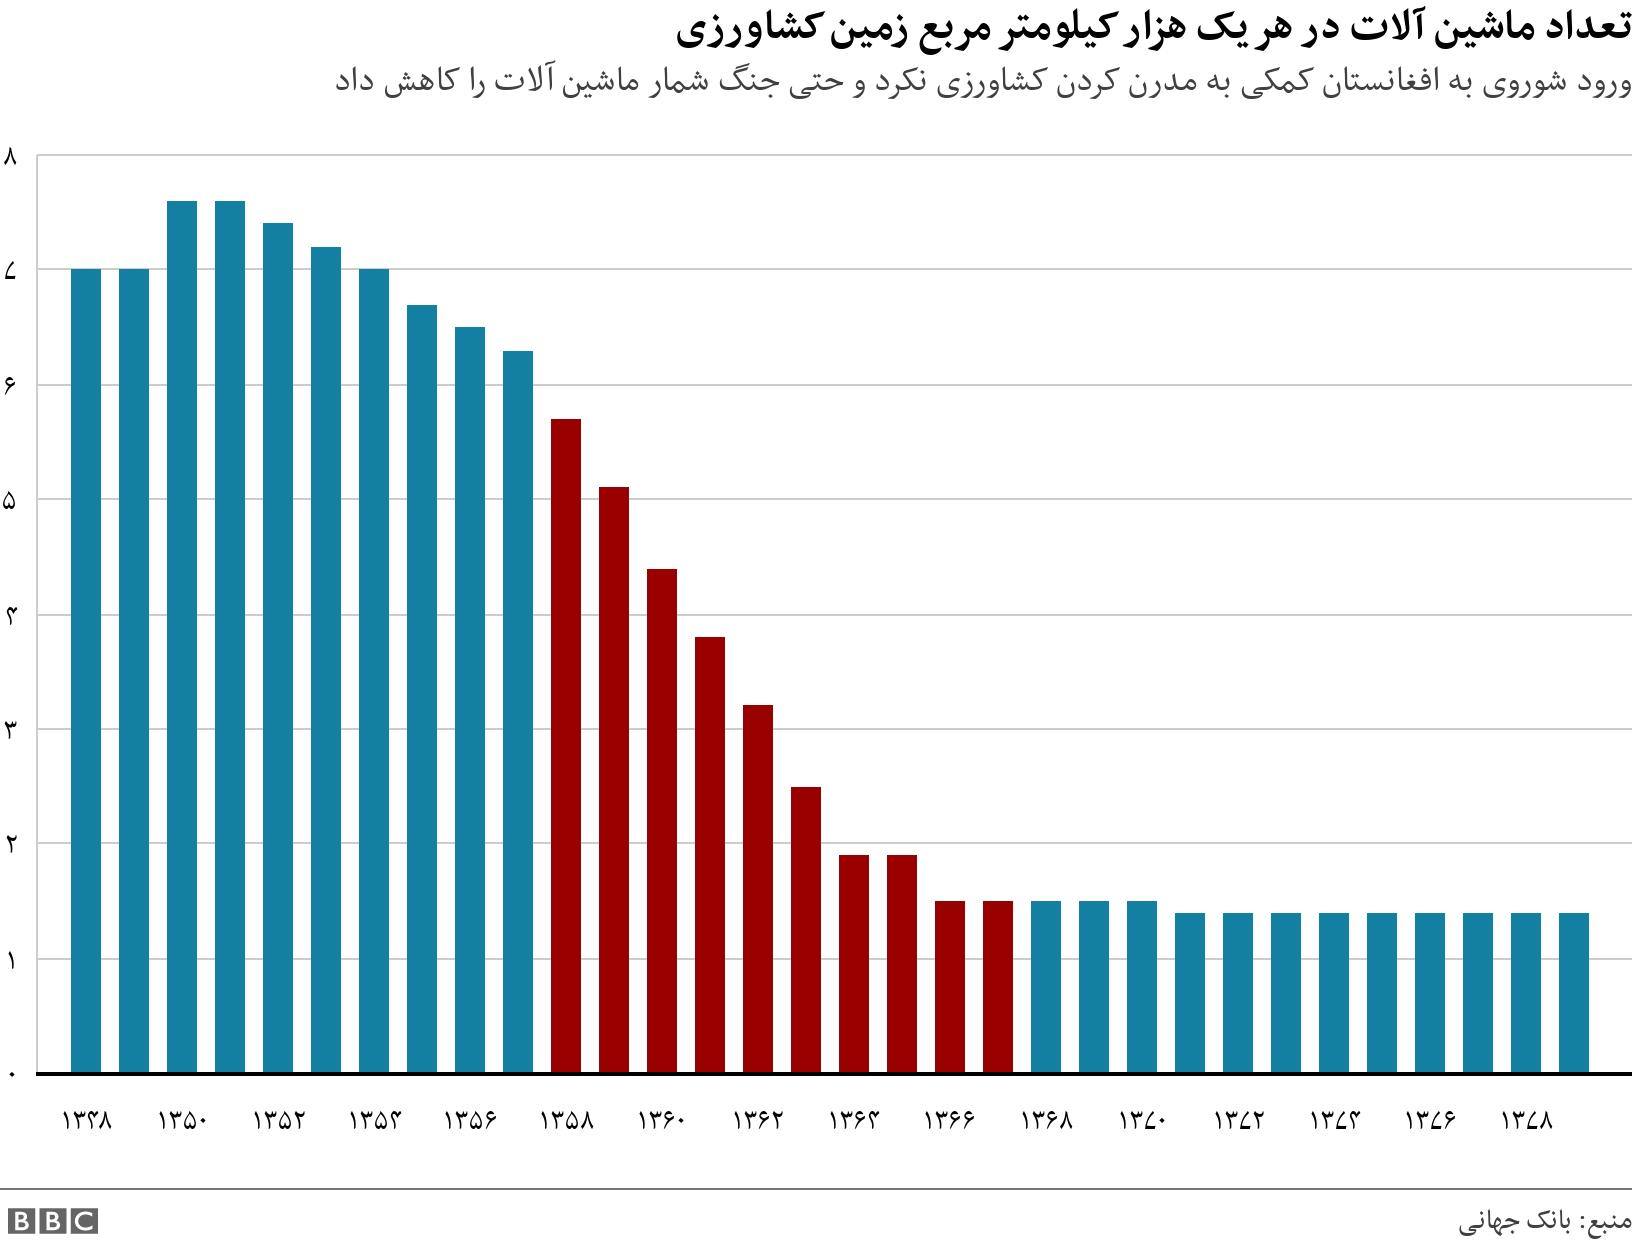 تعداد ماشین آلات  در هر یک هزار کیلومتر مربع زمین کشاورزی. ورود شوروی به افغانستان کمکی به مدرن کردن کشاورزی نکرد و حتی جنگ شمار ماشین آلات را کاهش داد.  .